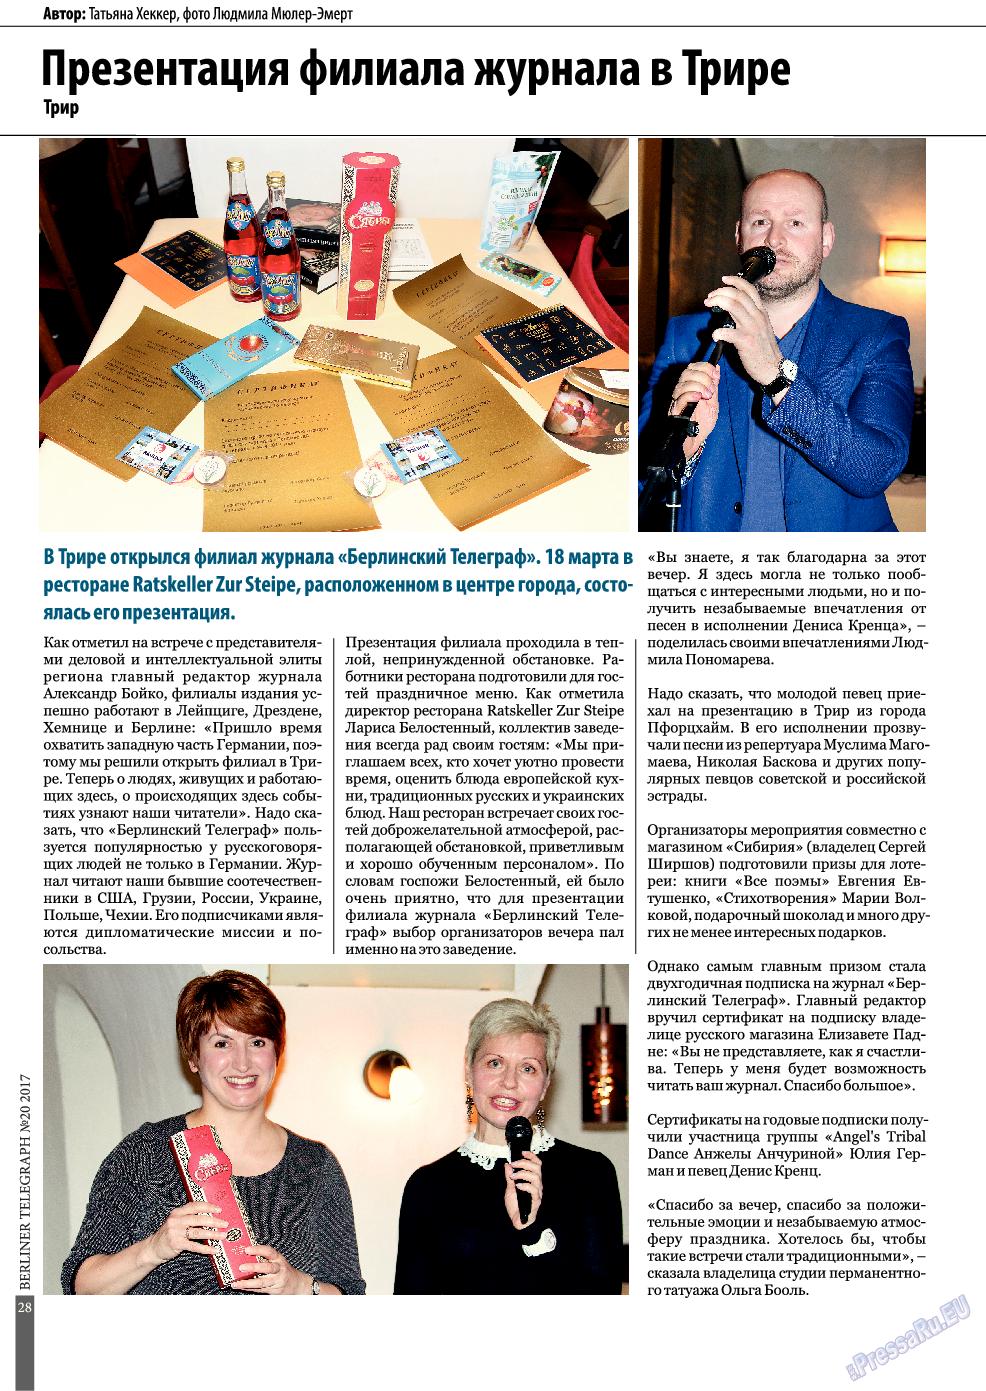 Берлинский телеграф (журнал). 2017 год, номер 20, стр. 28